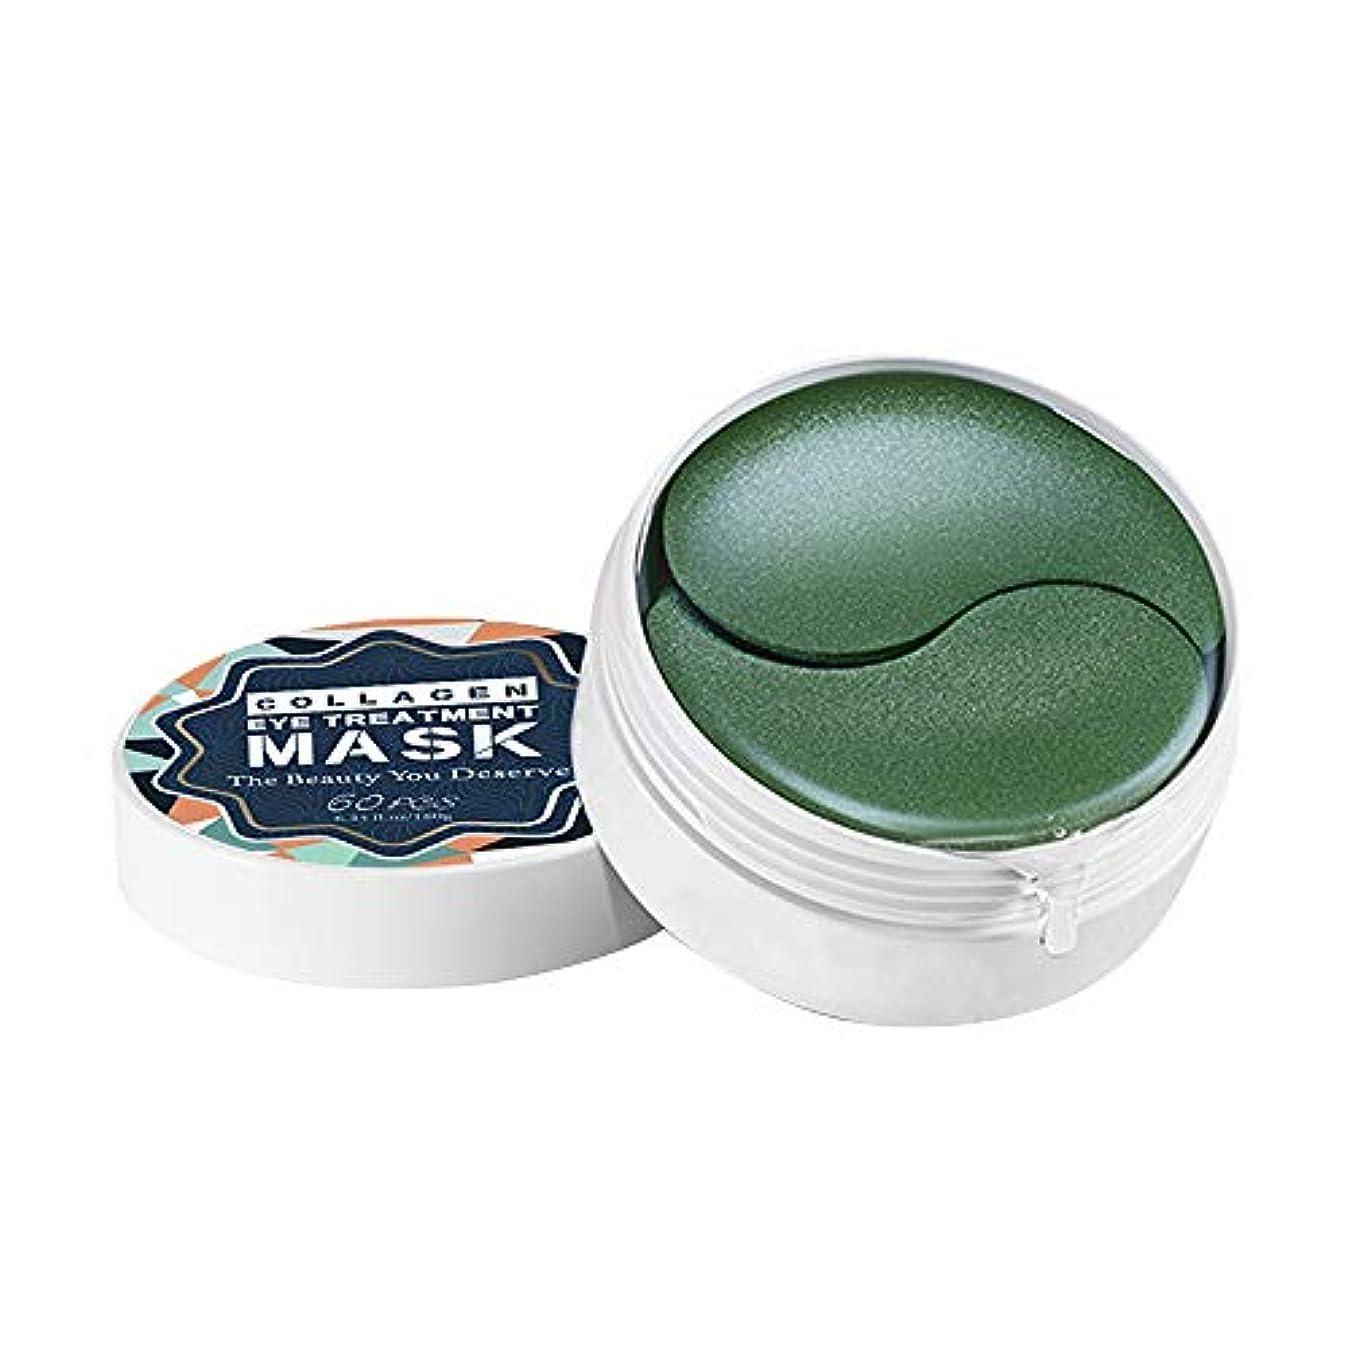 アイトリートメントマスク、コラーゲンアイマスク海藻エキスアンダーエイジングヒアルロン酸アイパッチモイスチャライジング&ダークサークル低減のためのアイパッチジェルのしわ (Style-2)